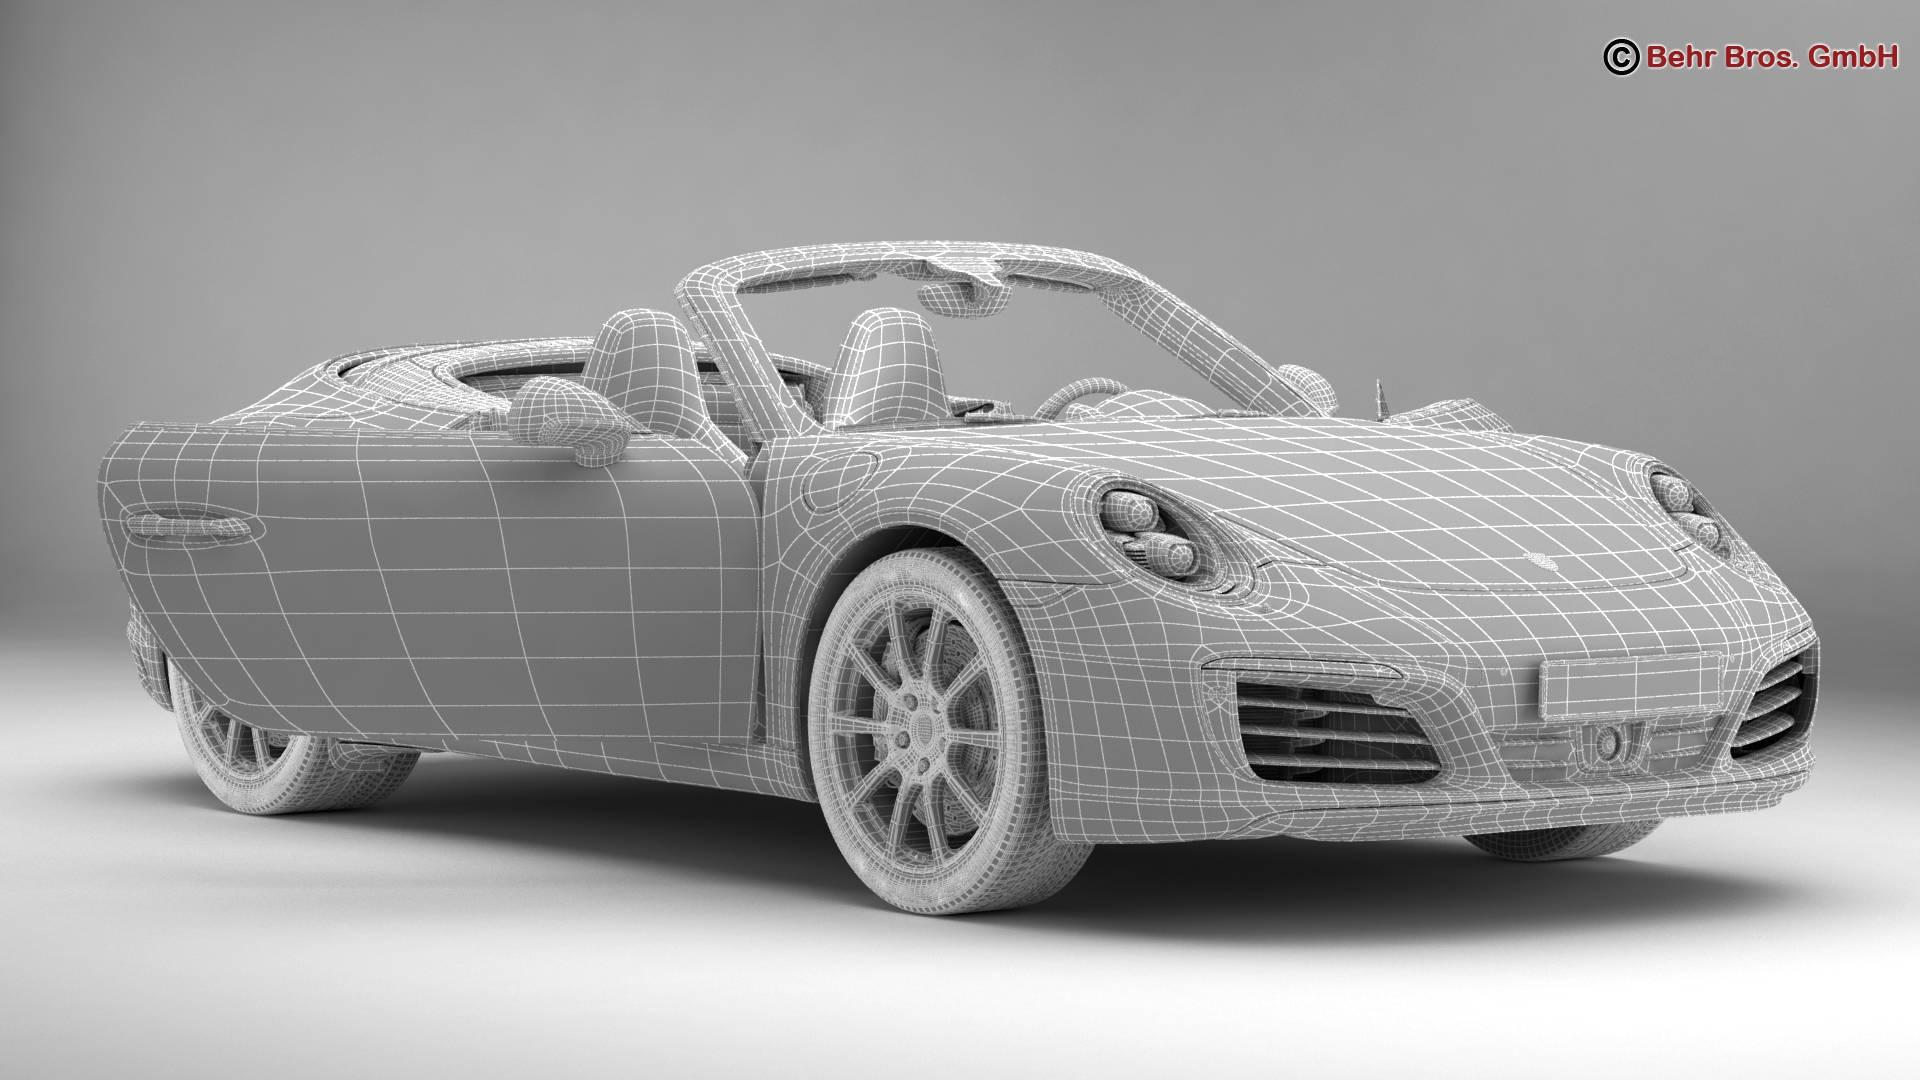 porsche 911 carrera cabriolet 2017 3d líkan 3ds max fbx c4d lwo ma mb obj 220807